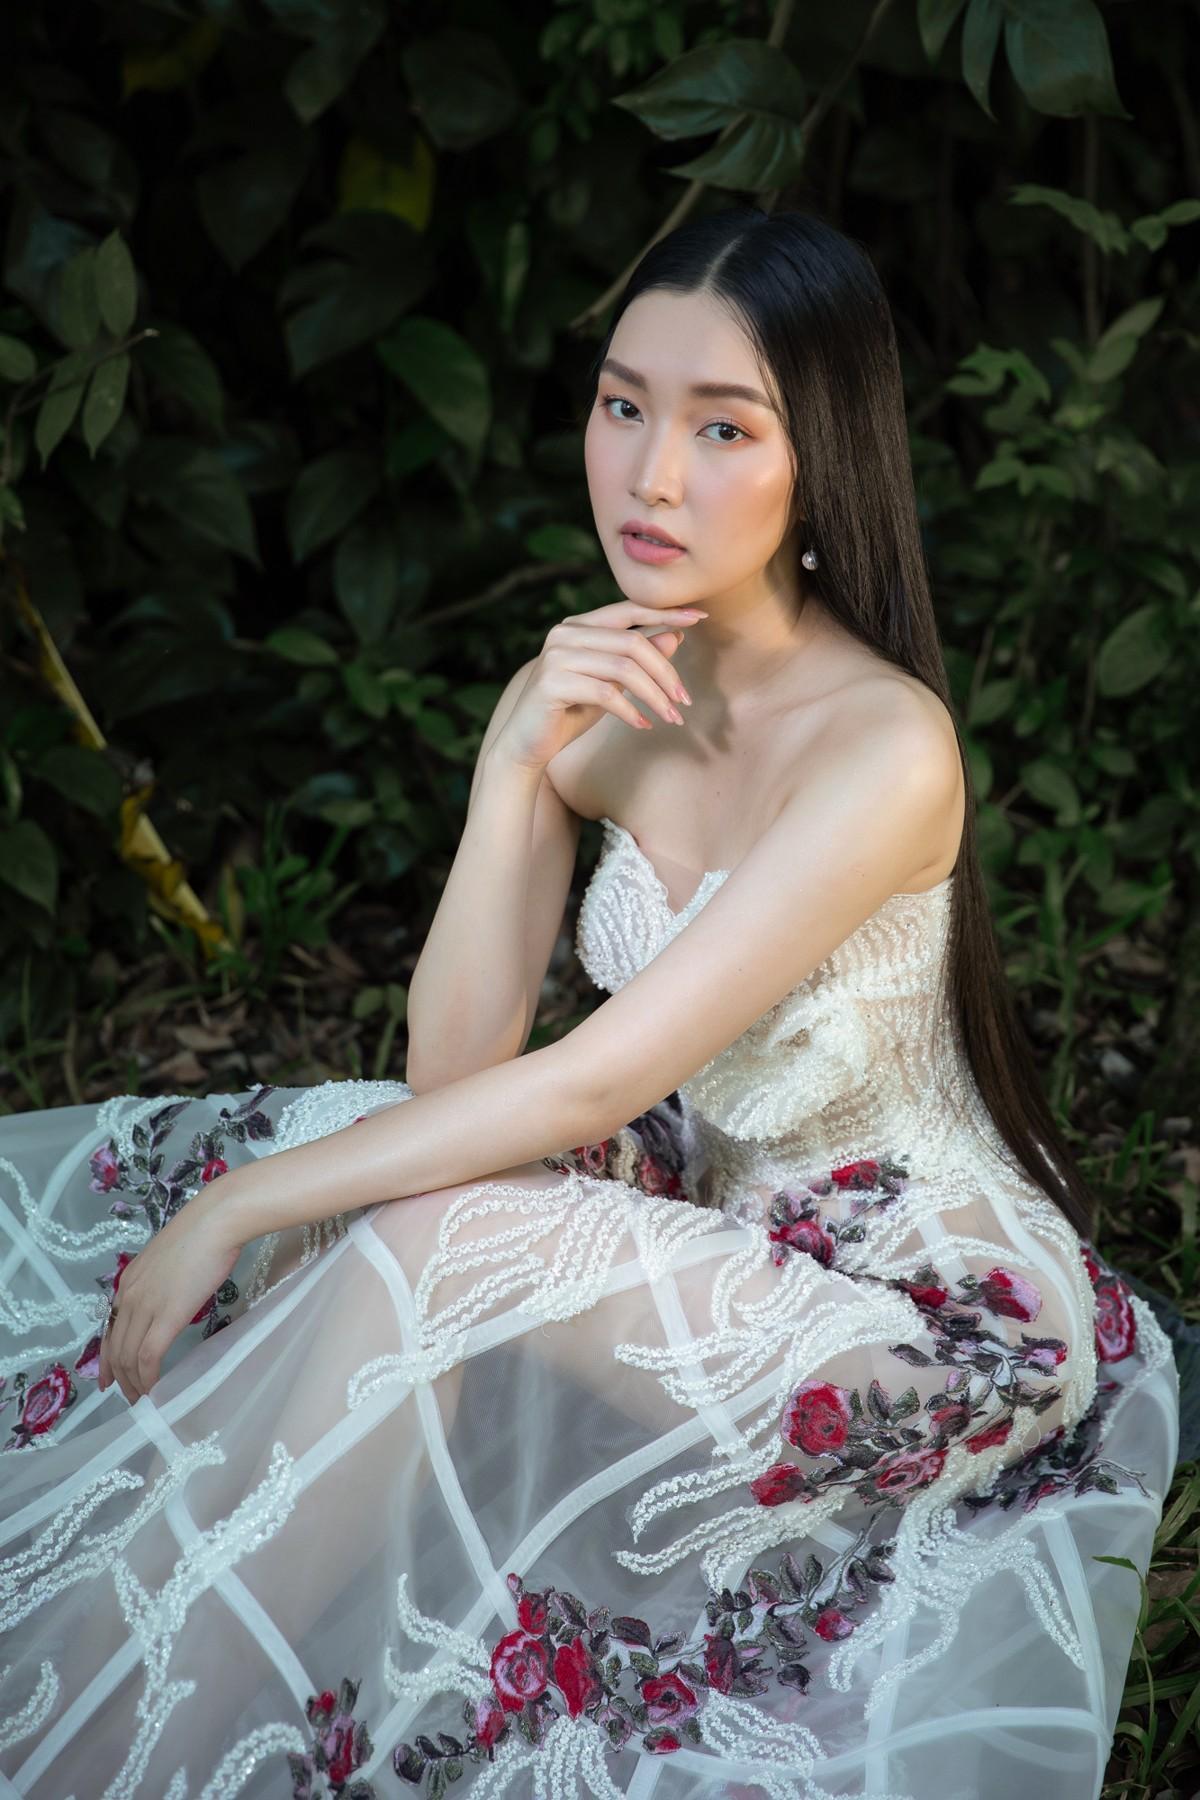 'Nàng thơ xứ Huế' Ngọc Trân cuốn hút với nét mơ màng trong loạt váy áo e ấp Ảnh 7